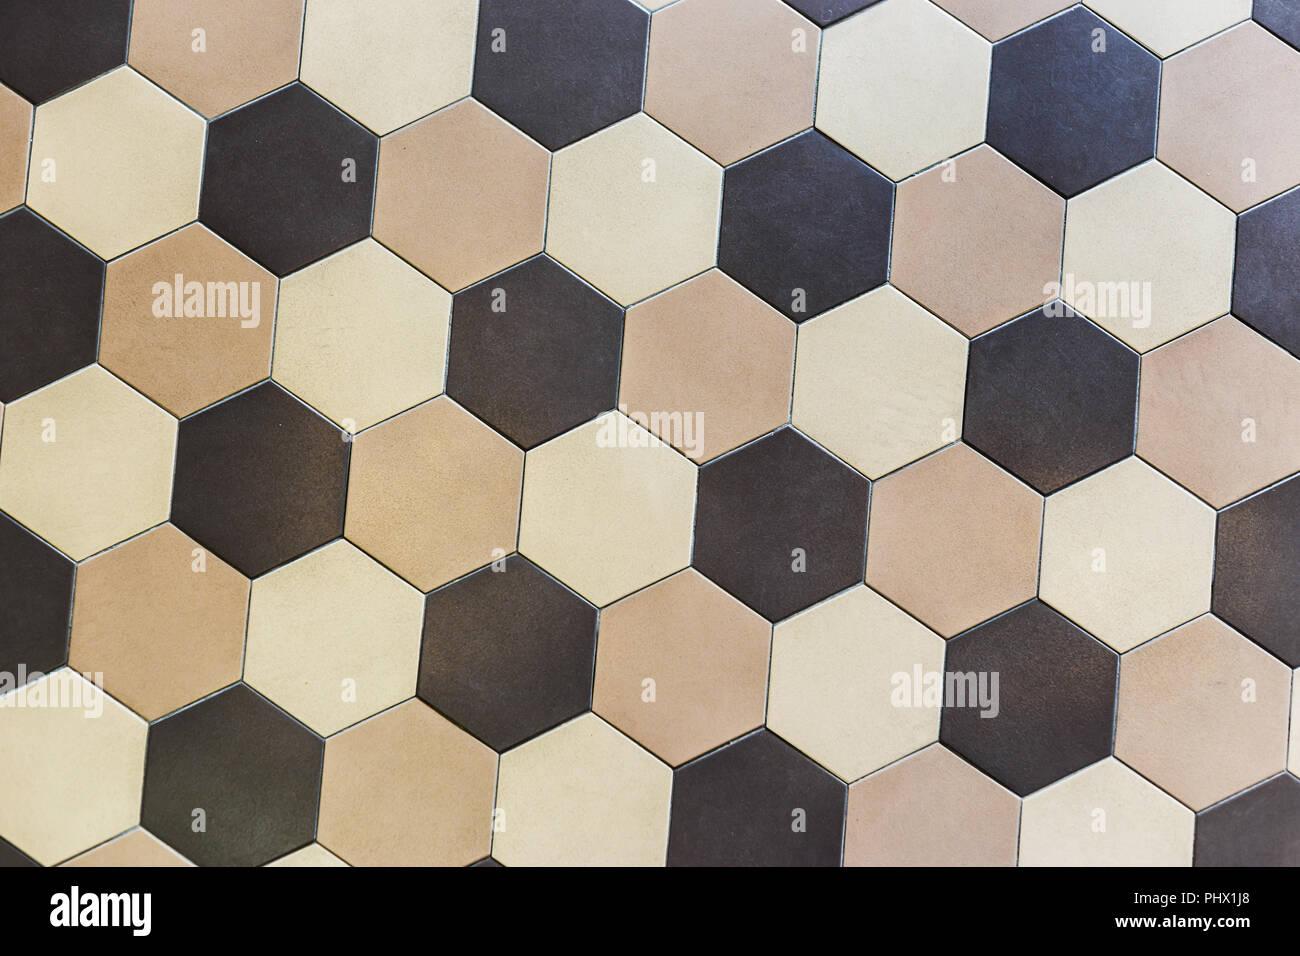 Piastrelle esagonali fonoassorbenti in fibra di legno